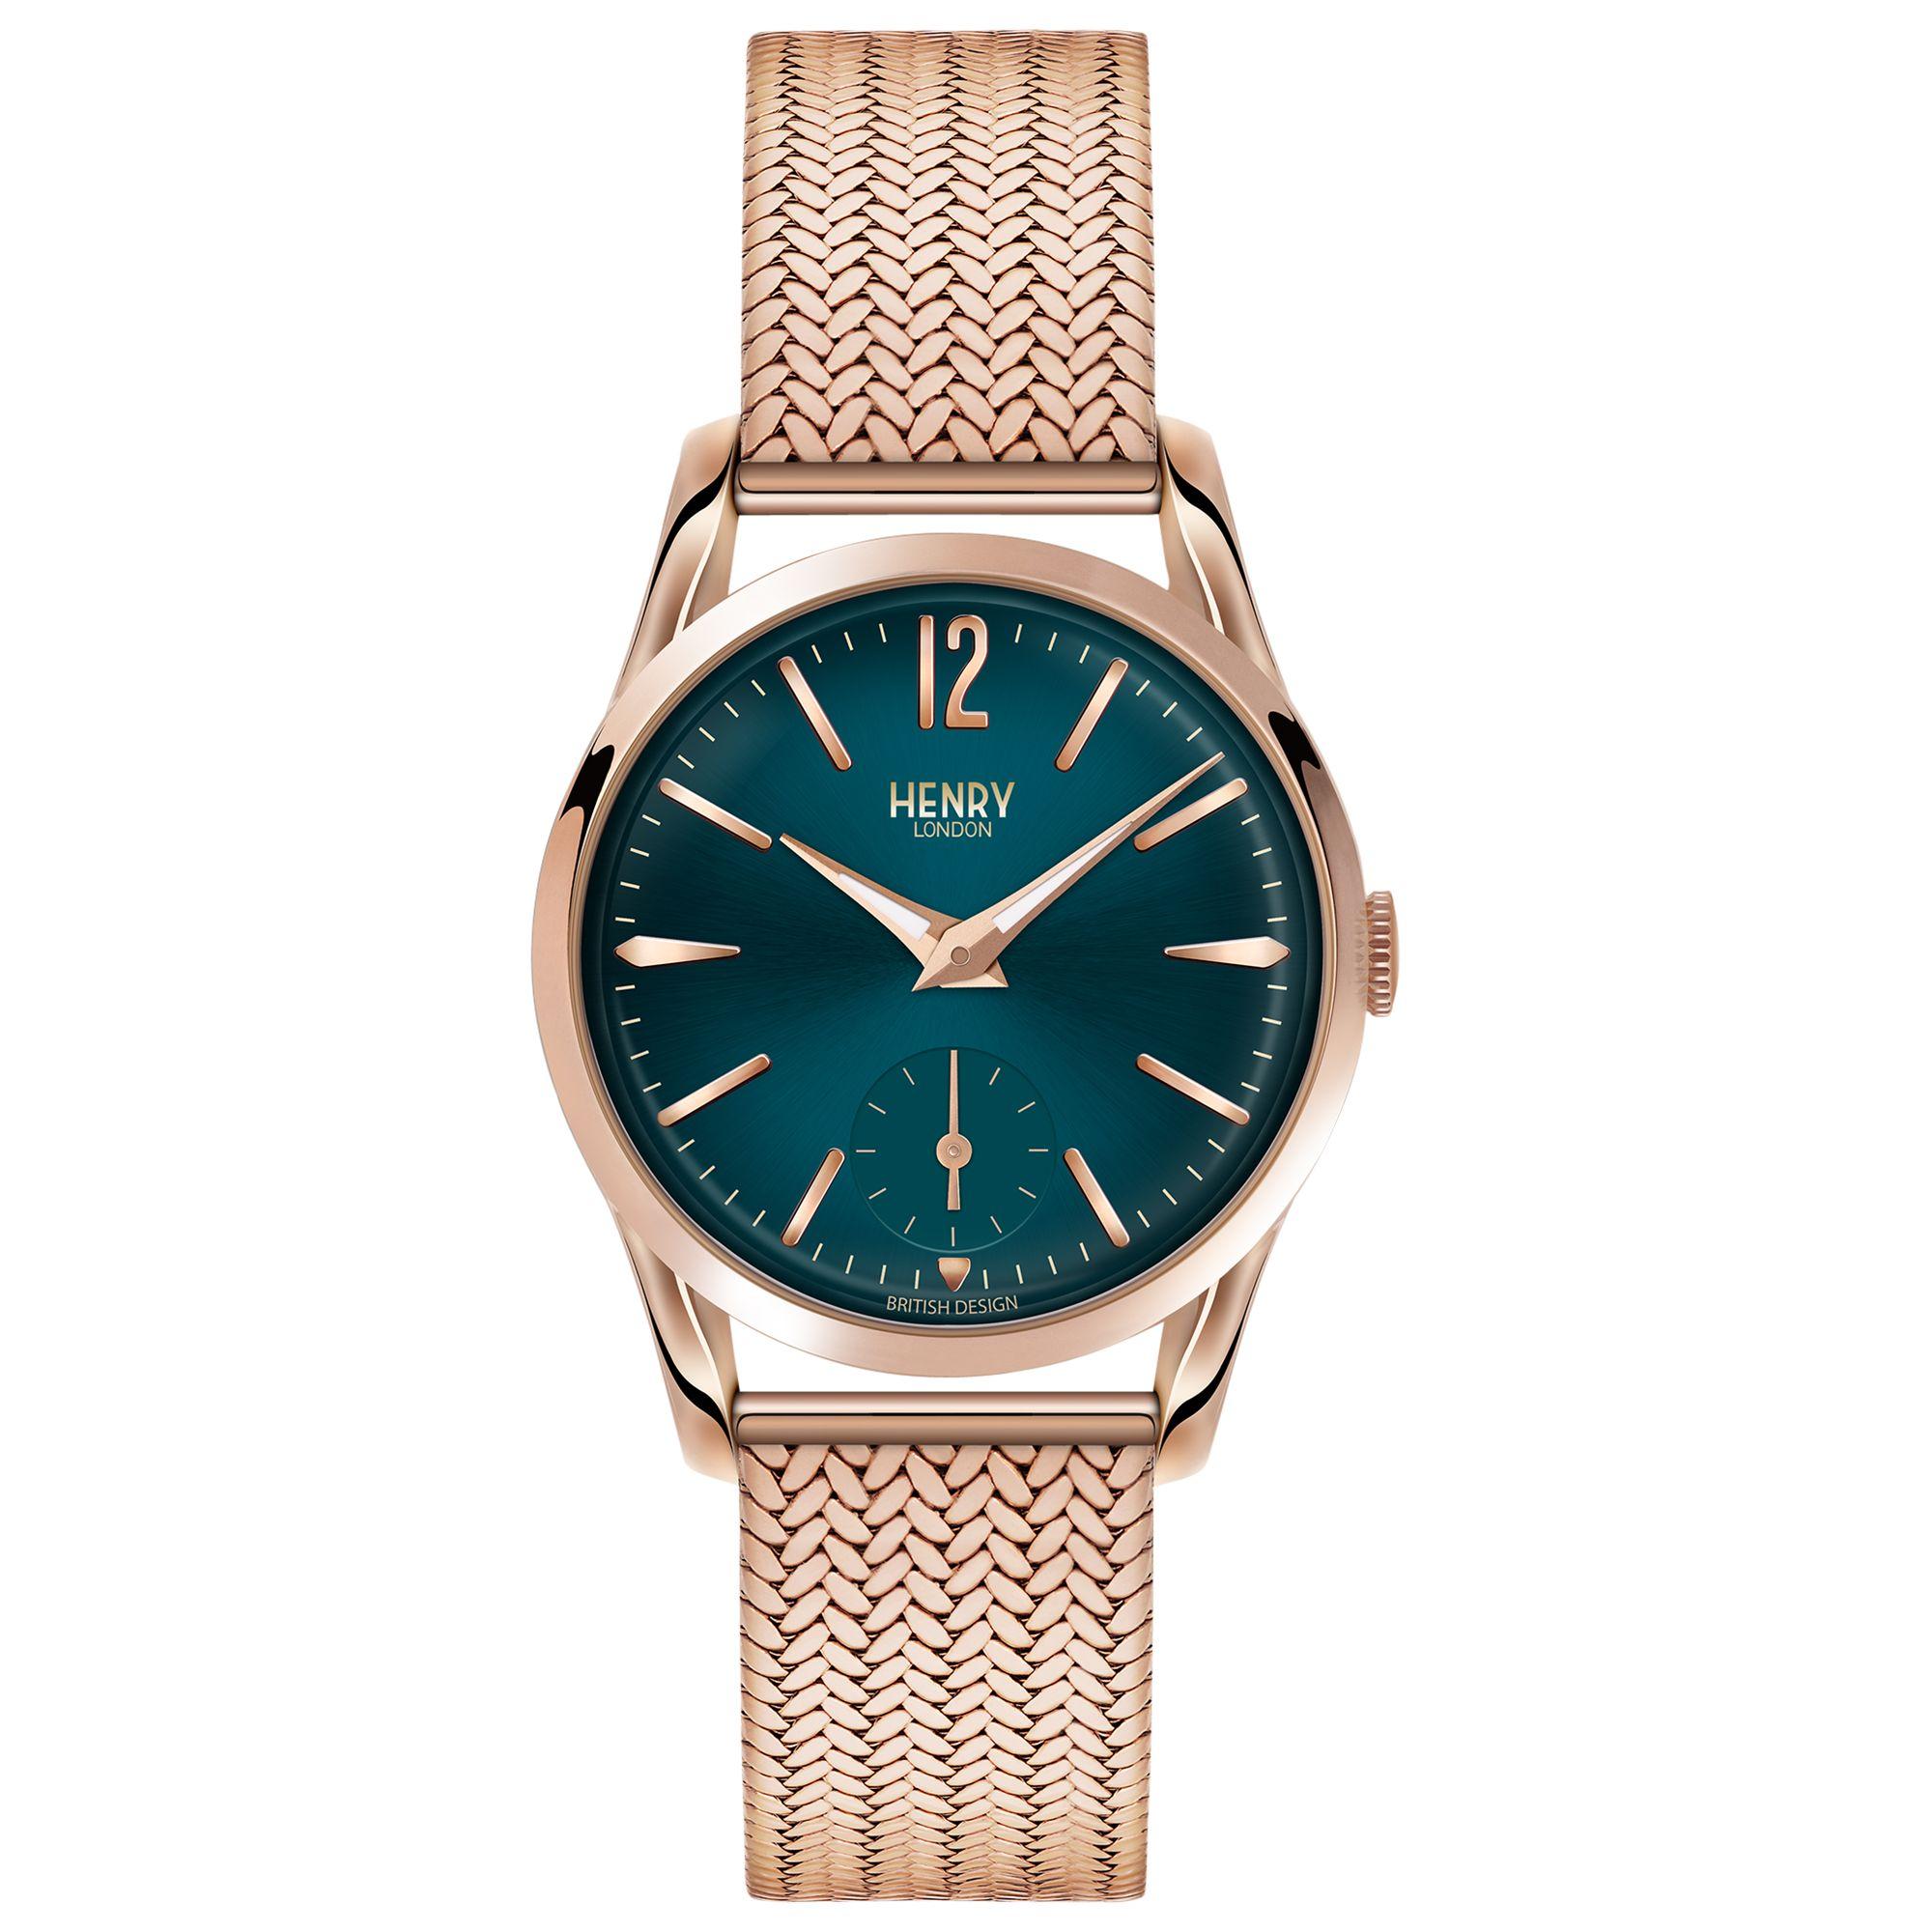 Henry London Henry London HL30-UM-0130 Women's Stratford Bracelet Strap Watch, Rose Gold/Teal